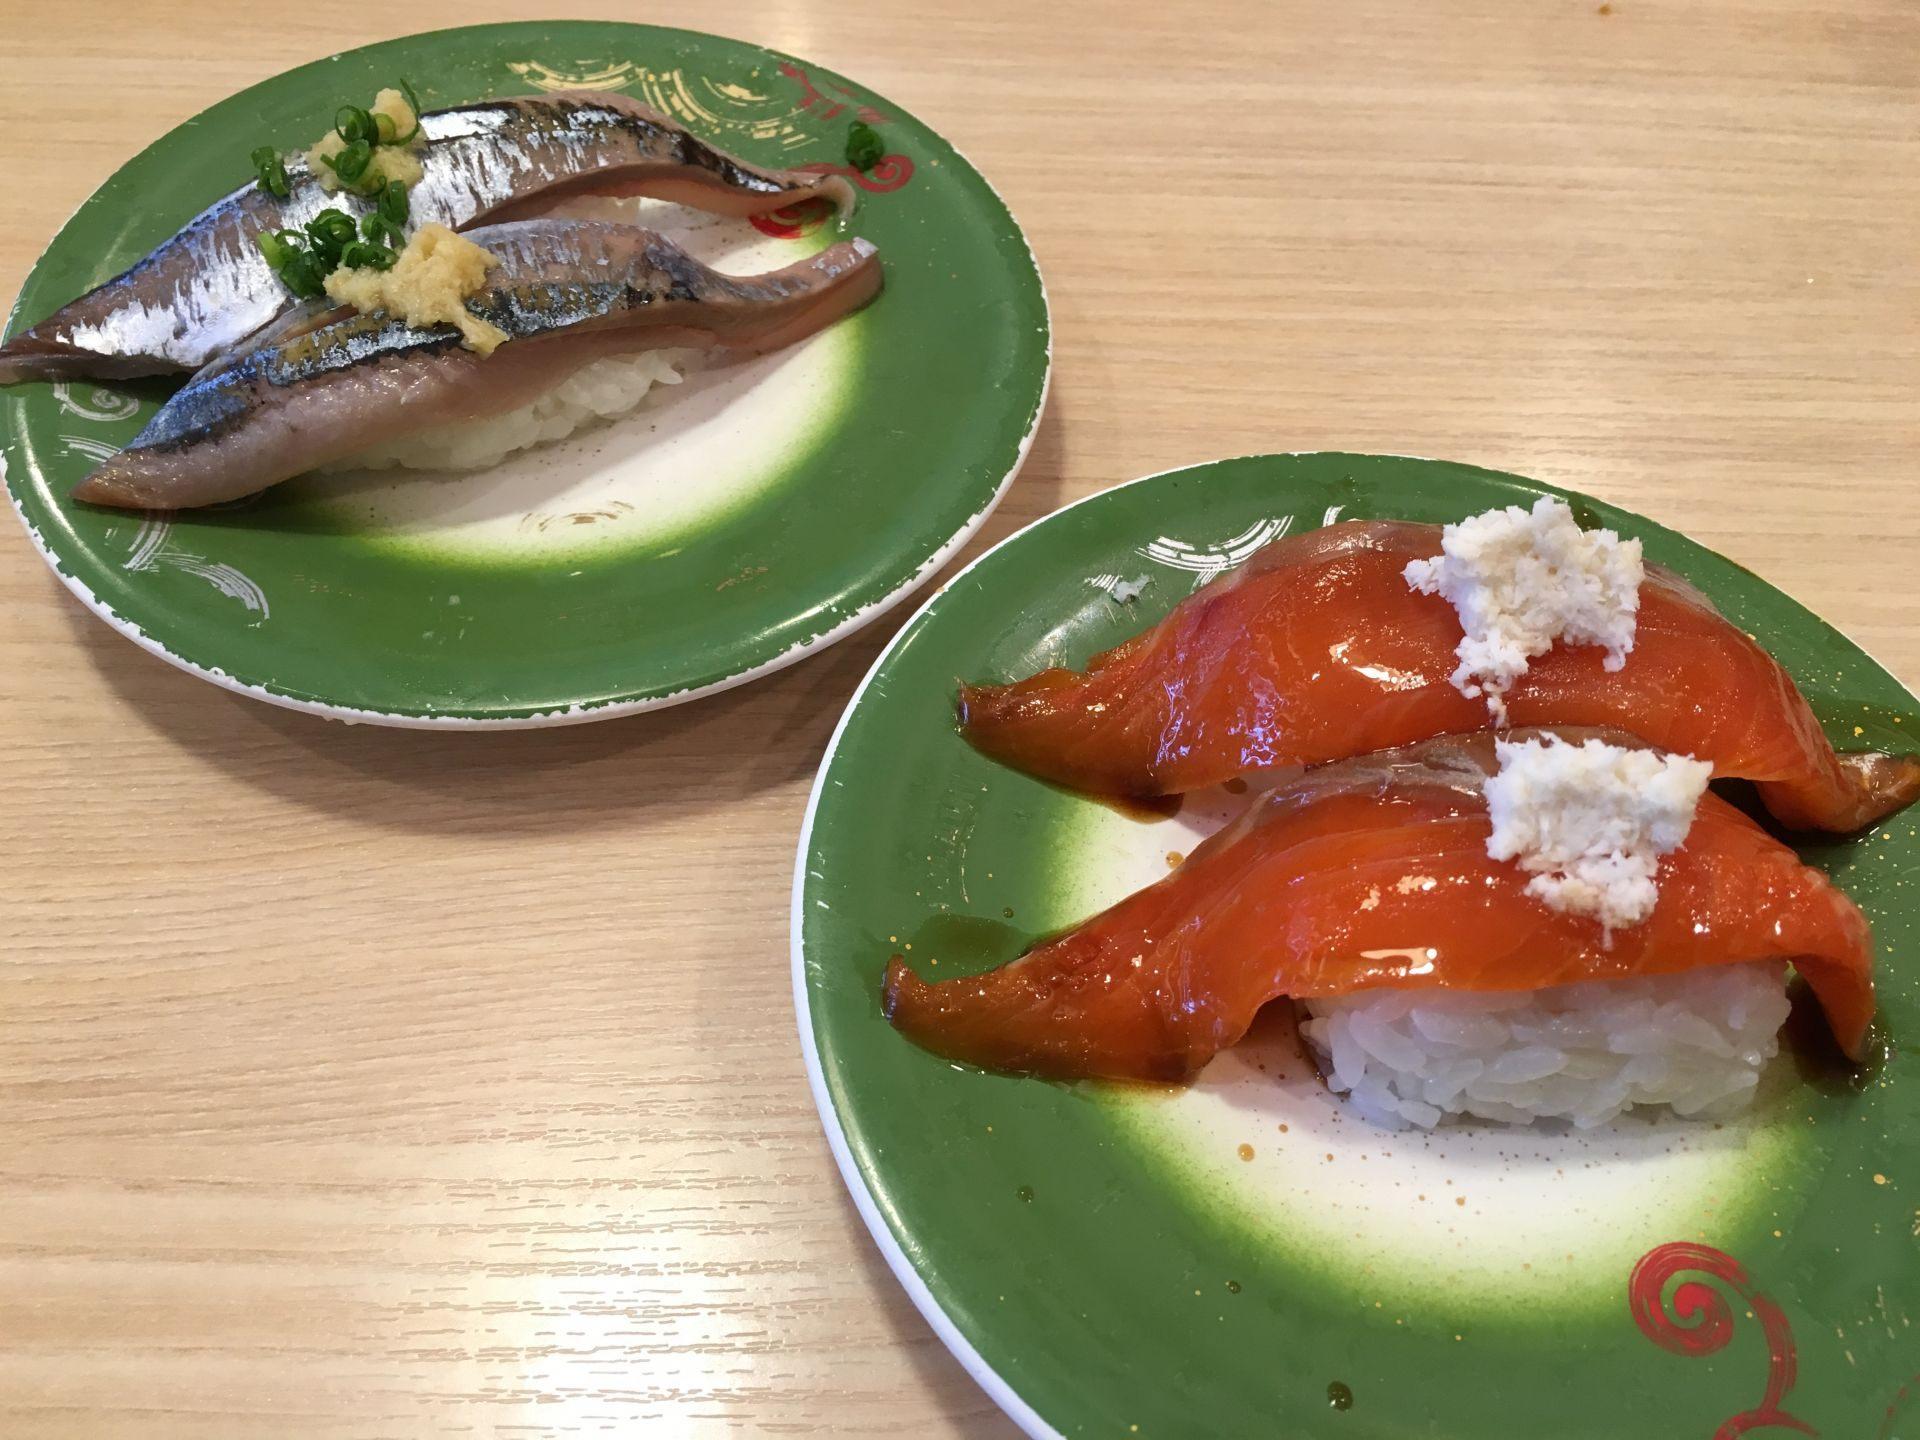 秋刀魚(190日圓) / 鮭魚(190日圓)